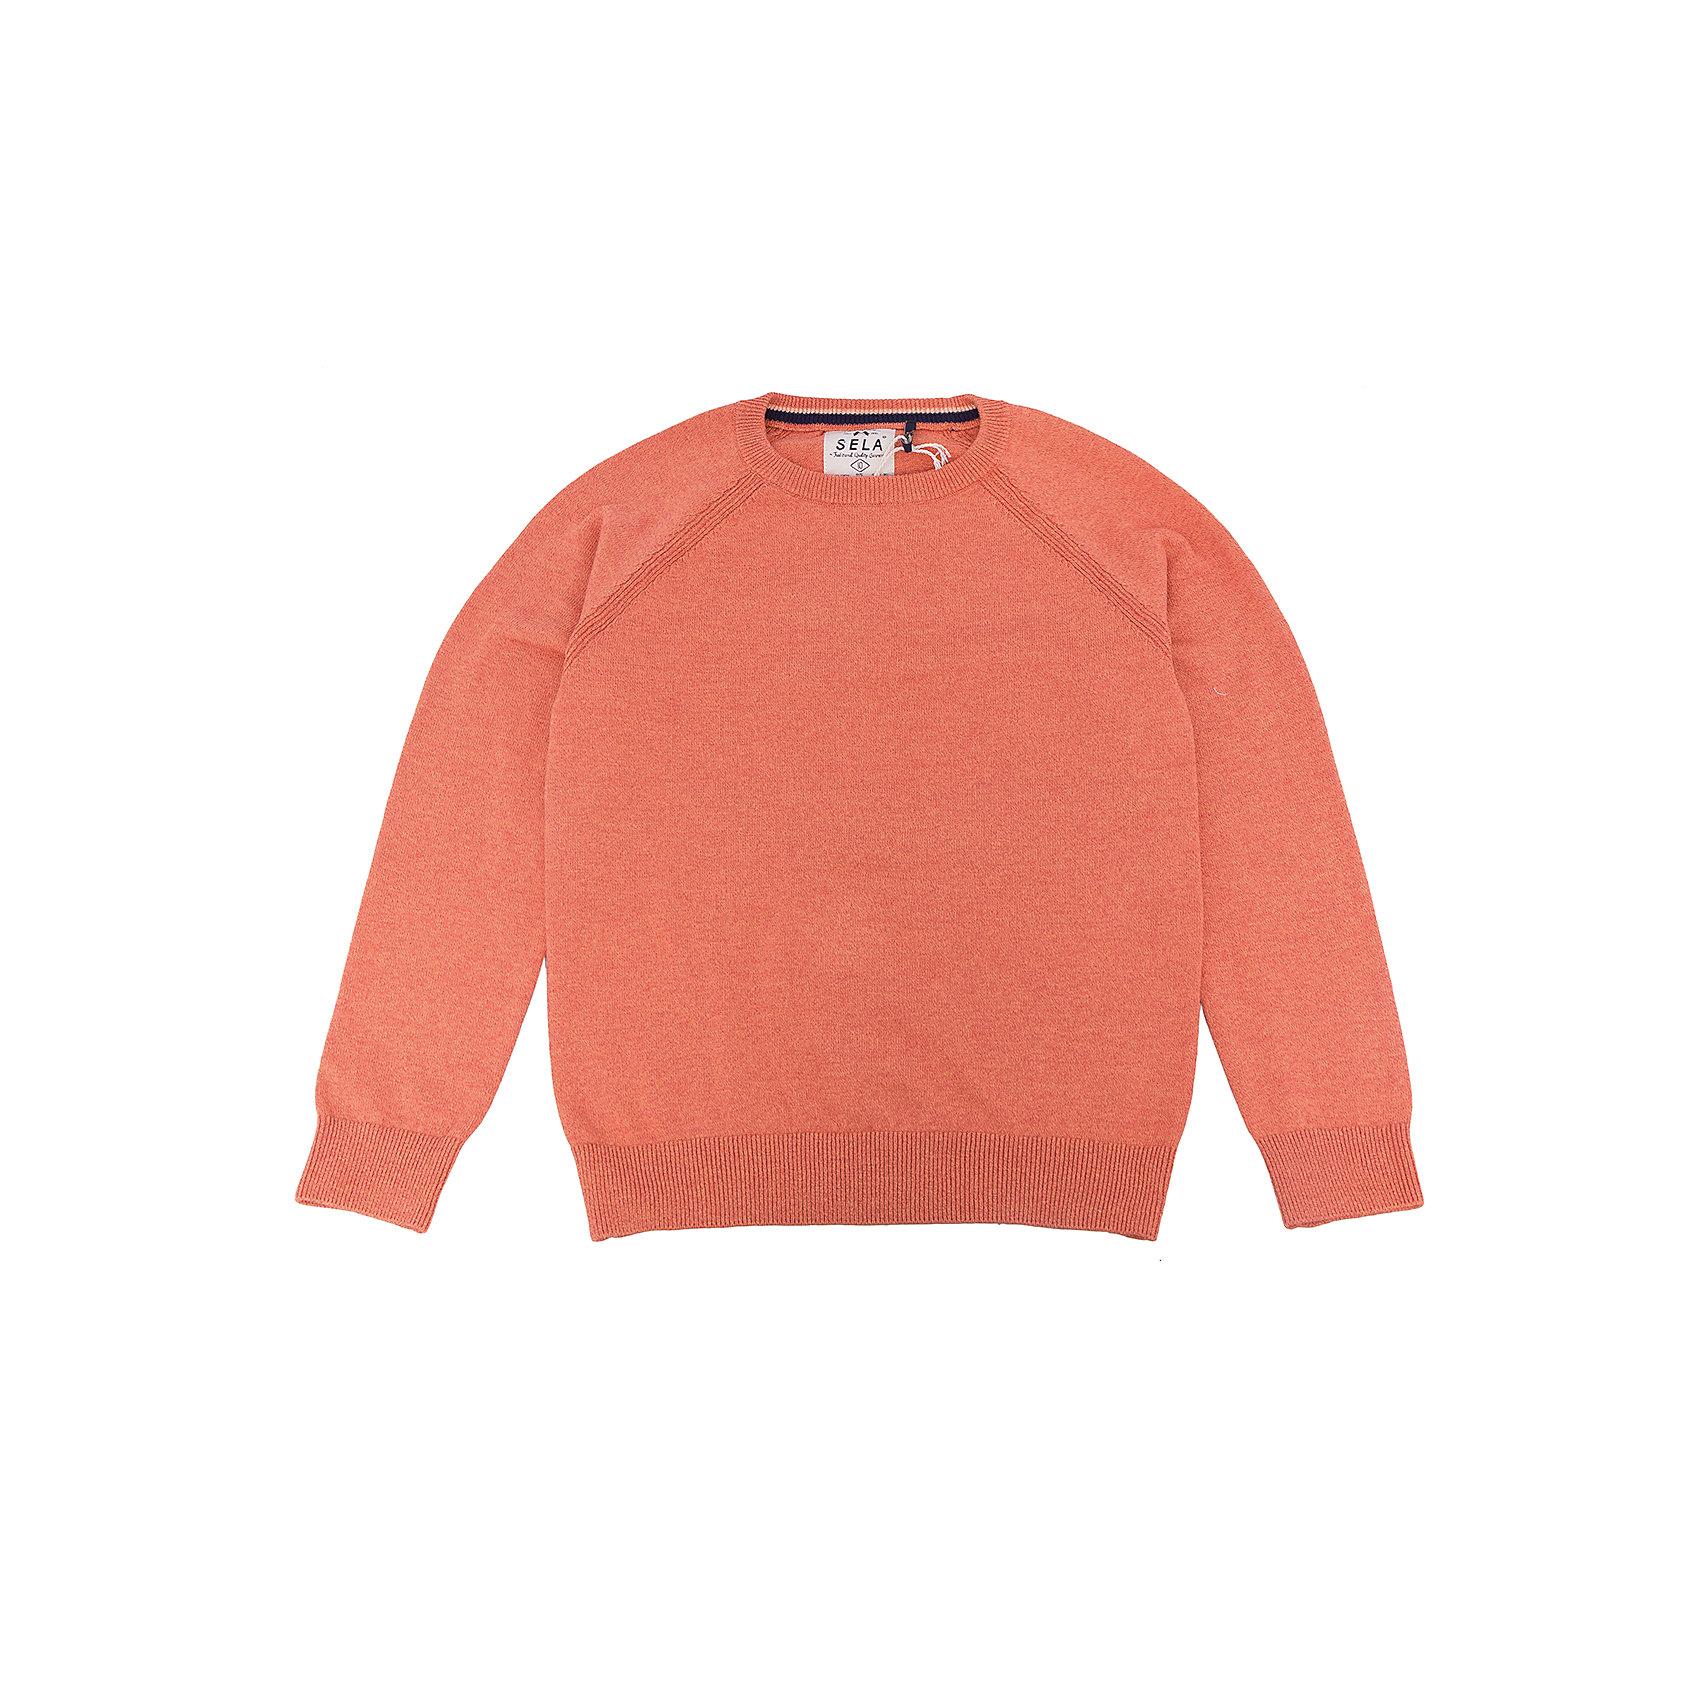 Джемпер для мальчика SELAСвитера и кардиганы<br>Джемпер для мальчика SELA (Села)<br><br>Характеристики:<br><br>• цвет: оранжевый<br>• силуэт: прямой<br>• рукав: длинный, реглан<br>• материал: 100% хлопок<br>• коллекция: весна 2017<br><br>Джемпер для мальчика от популярного бренда SELA изготовлен из качественного хлопка, приятного телу. Модель имеет прямой силуэт, длинный рукав реглан и округлый ворот. Резинка на манжетах и подоле защитит ребенка от попадания холодного воздуха. Приятная однотонная расцветка отлично подойдет к любым брюкам или джинсам.<br><br>Джемпер для мальчика SELA (Села) вы можете купить в нашем интернет-магазине.<br><br>Ширина мм: 190<br>Глубина мм: 74<br>Высота мм: 229<br>Вес г: 236<br>Цвет: оранжевый<br>Возраст от месяцев: 84<br>Возраст до месяцев: 96<br>Пол: Мужской<br>Возраст: Детский<br>Размер: 128,140,152,116<br>SKU: 5305682